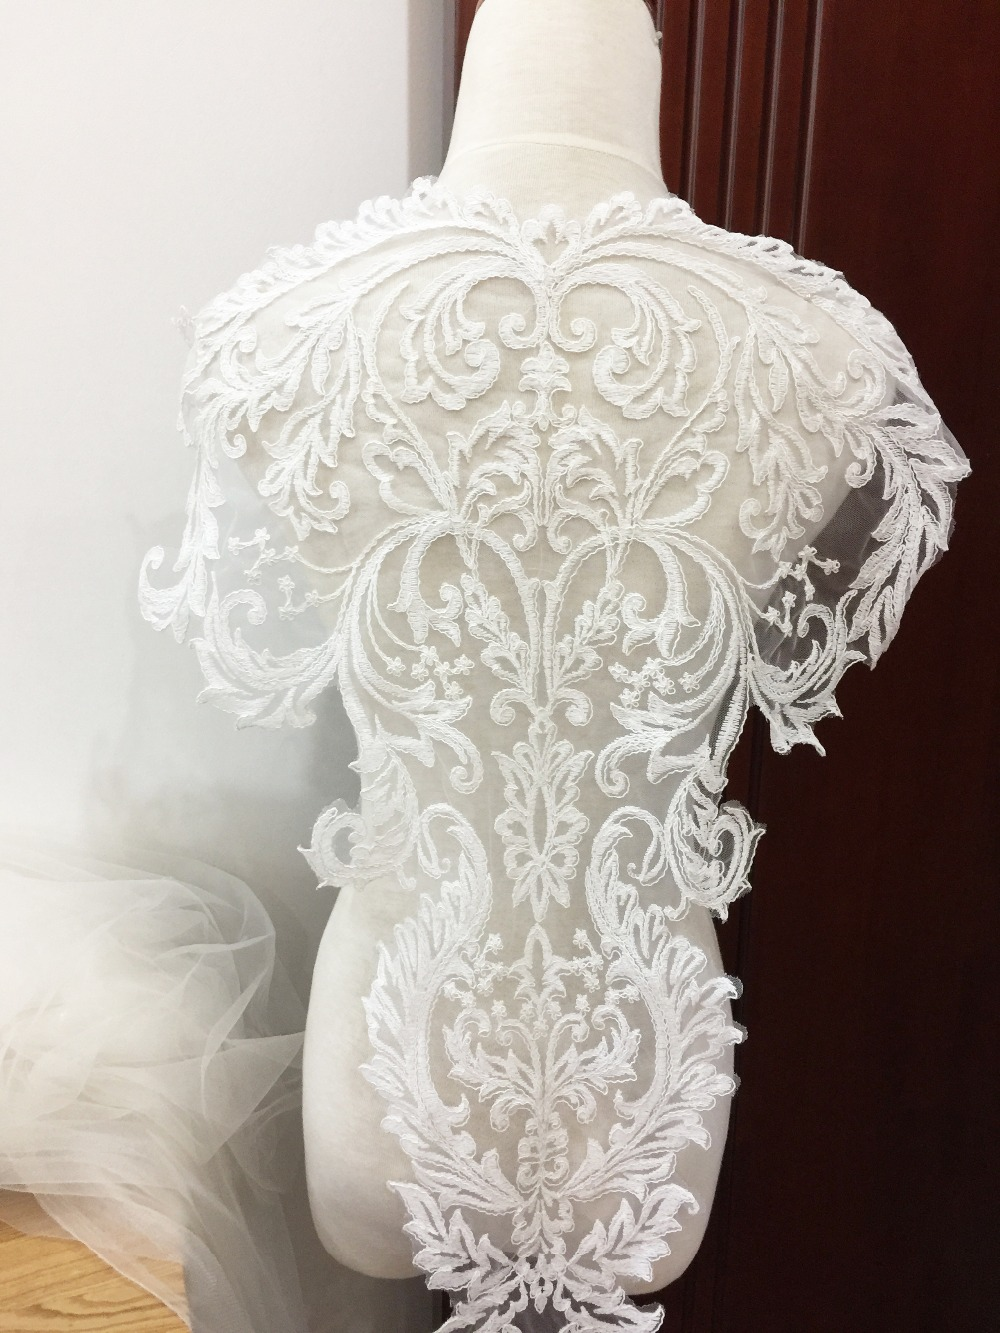 2Pcs Exquisite 3D Flower Embroidery Lace Applique For Wedding Dress Bridal Veil